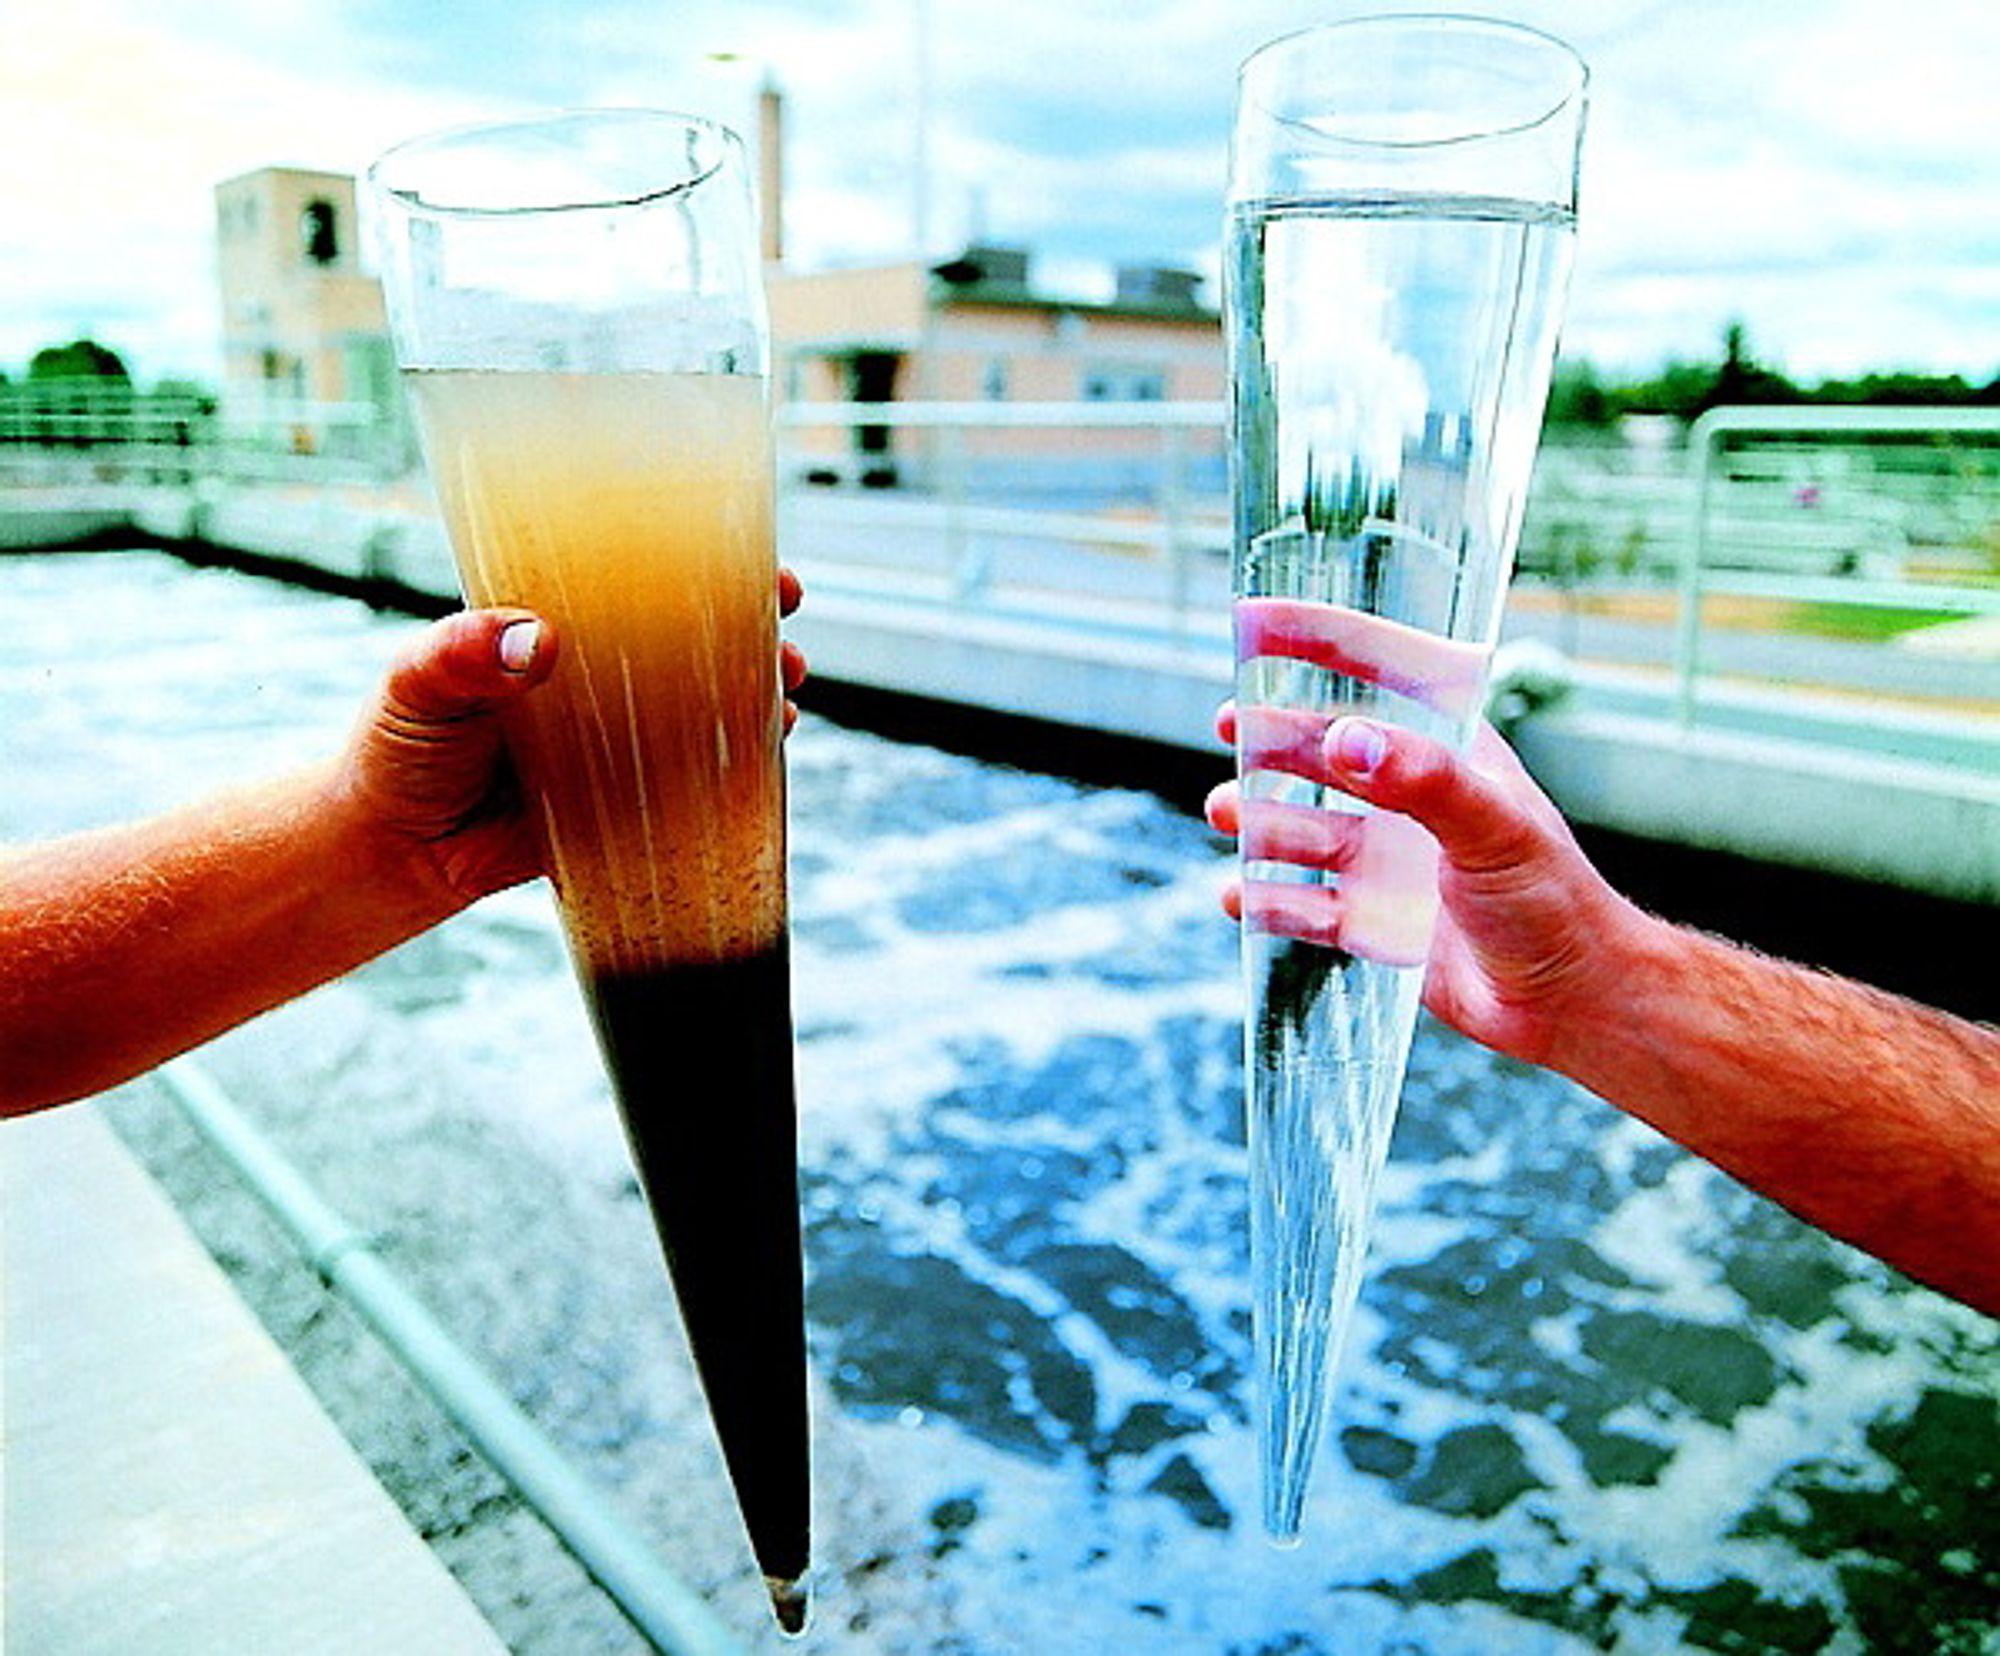 Måling av turbiditet er et uttrykk for partikkelkonsentrasjonen i en væske. Rent vann (til høyre) har lavest turbiditet (Ill. Siemens).